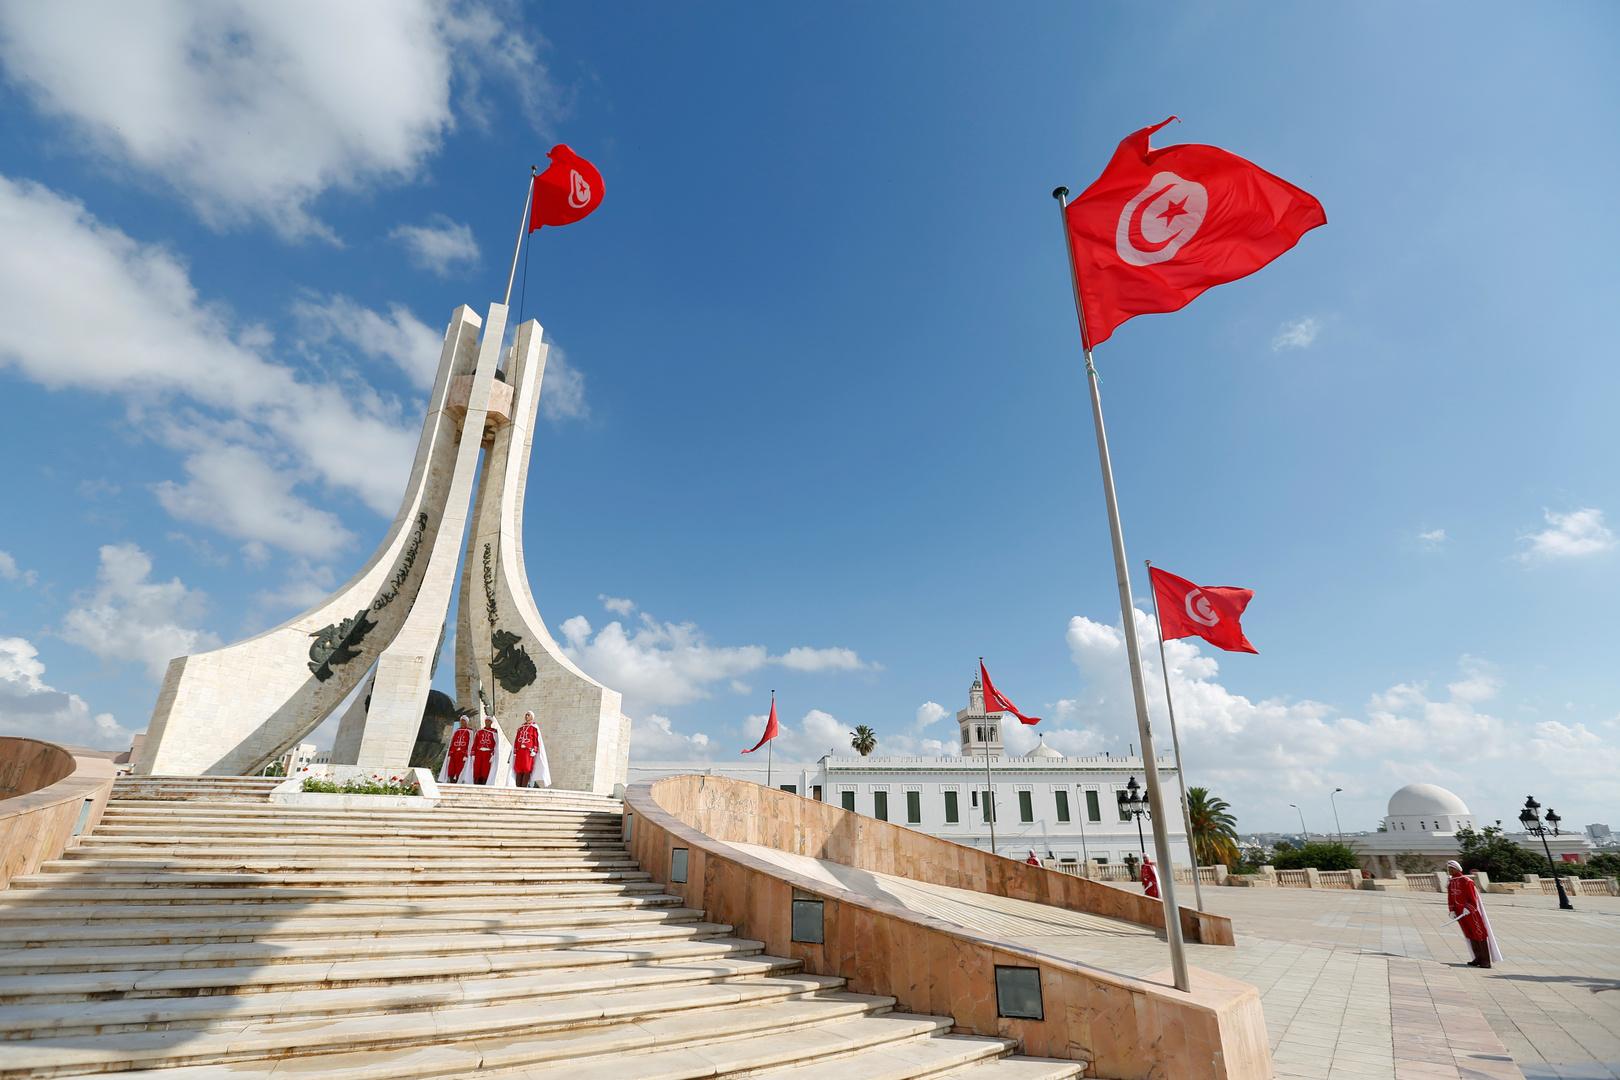 تونس.. ارتفاع معدل التشاؤم إلى مستوى غير مسبوق